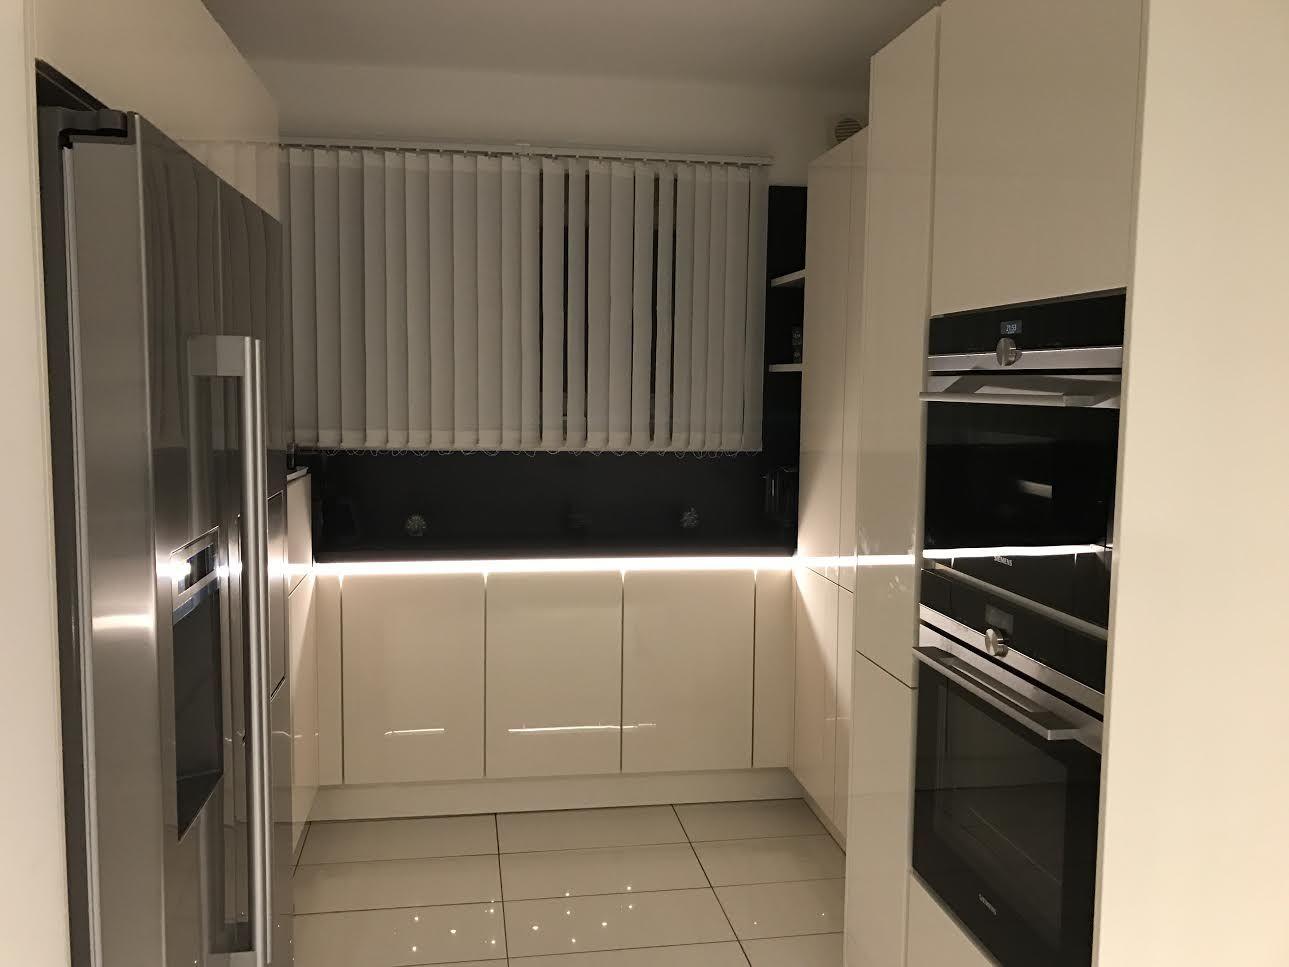 Hochglanz, Lack, Fronten, Küchenfronten, Inspiration, Küche Design ...